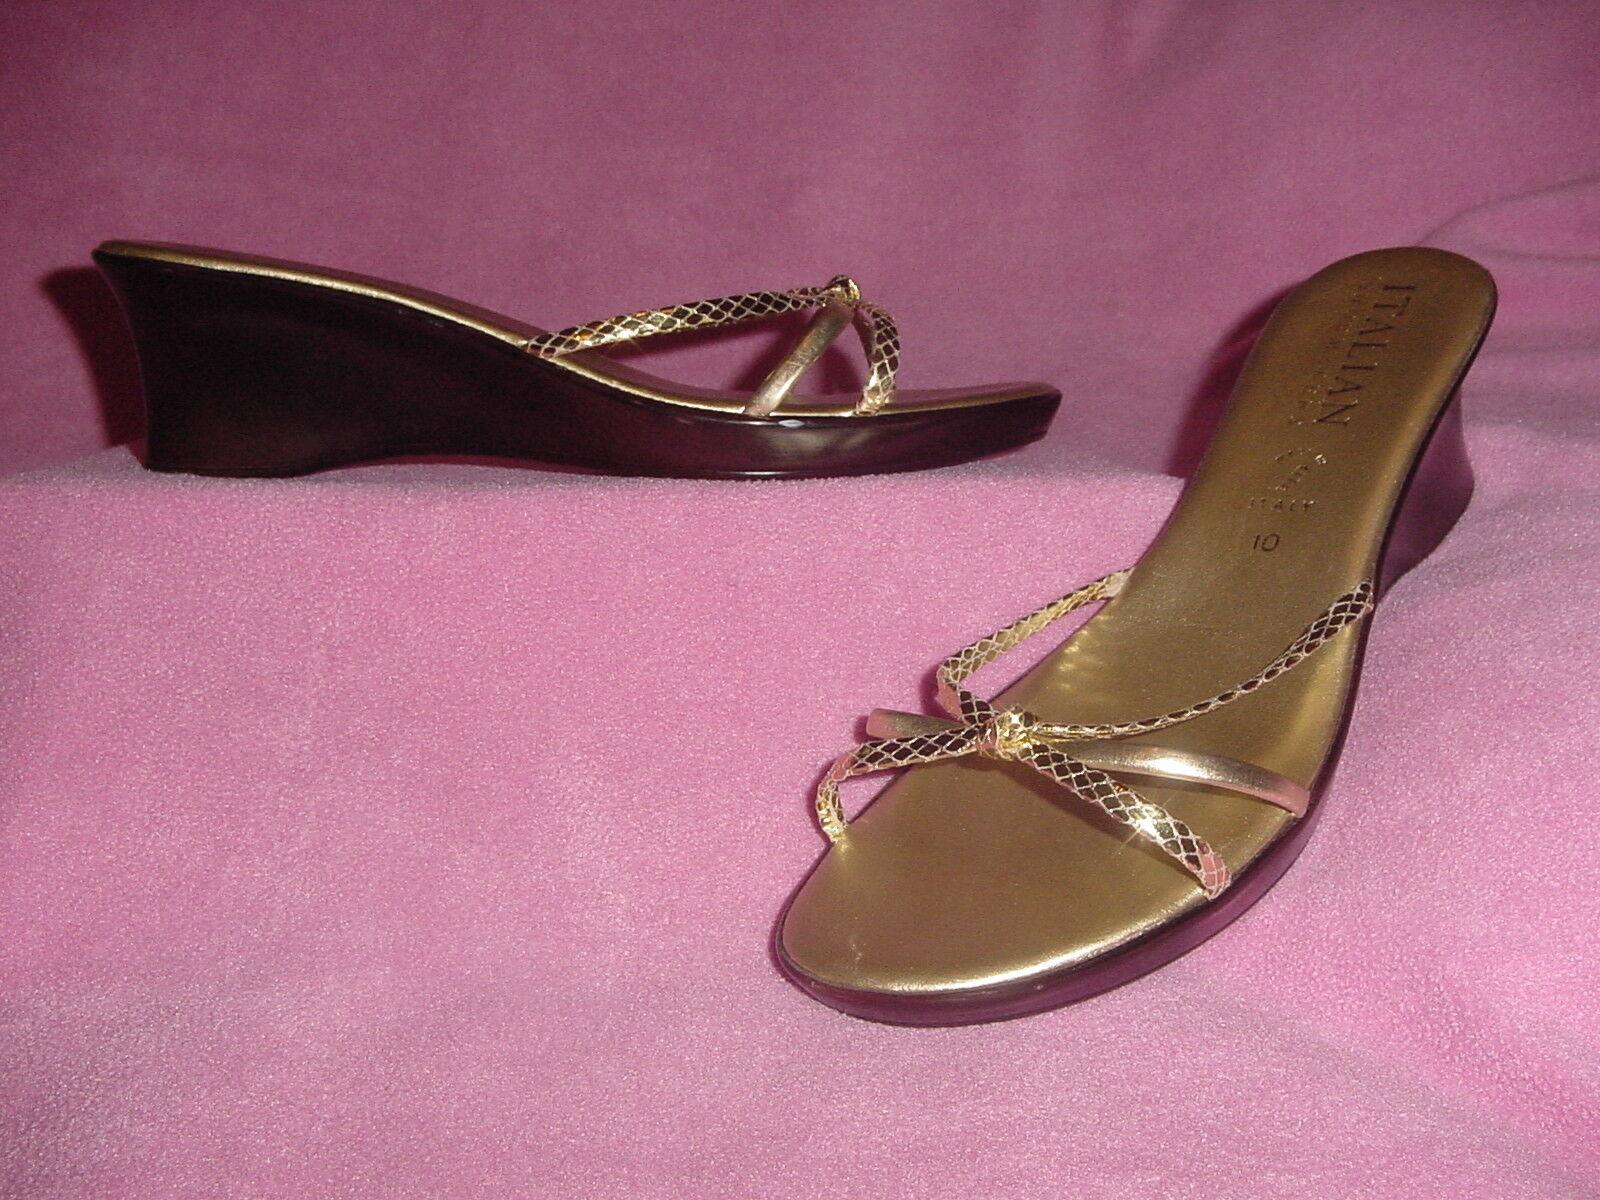 Metallic Gold Slide Sandal Snakeskin ShoeMakers Accent